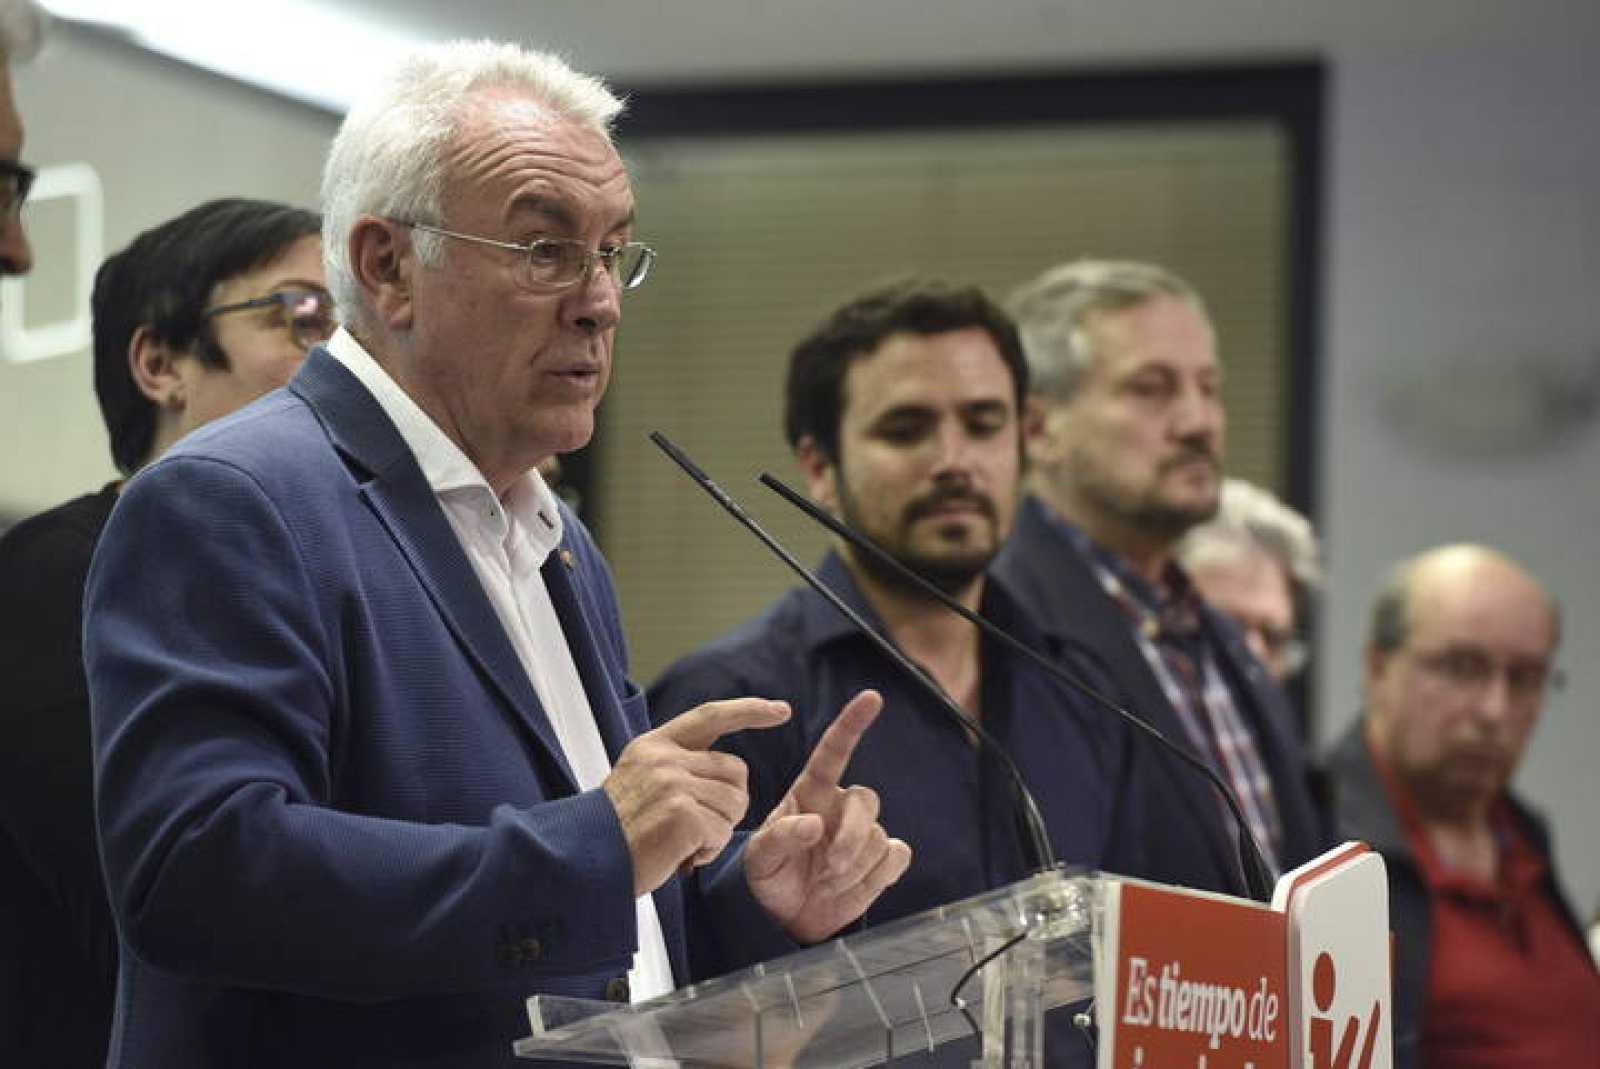 Cayo Lara, coordinador federal de Izquierda Unida, valora los resultados de las elecciones en presencia de Alberto Garzón, candidato de IU a la presidencia del Gobierno.